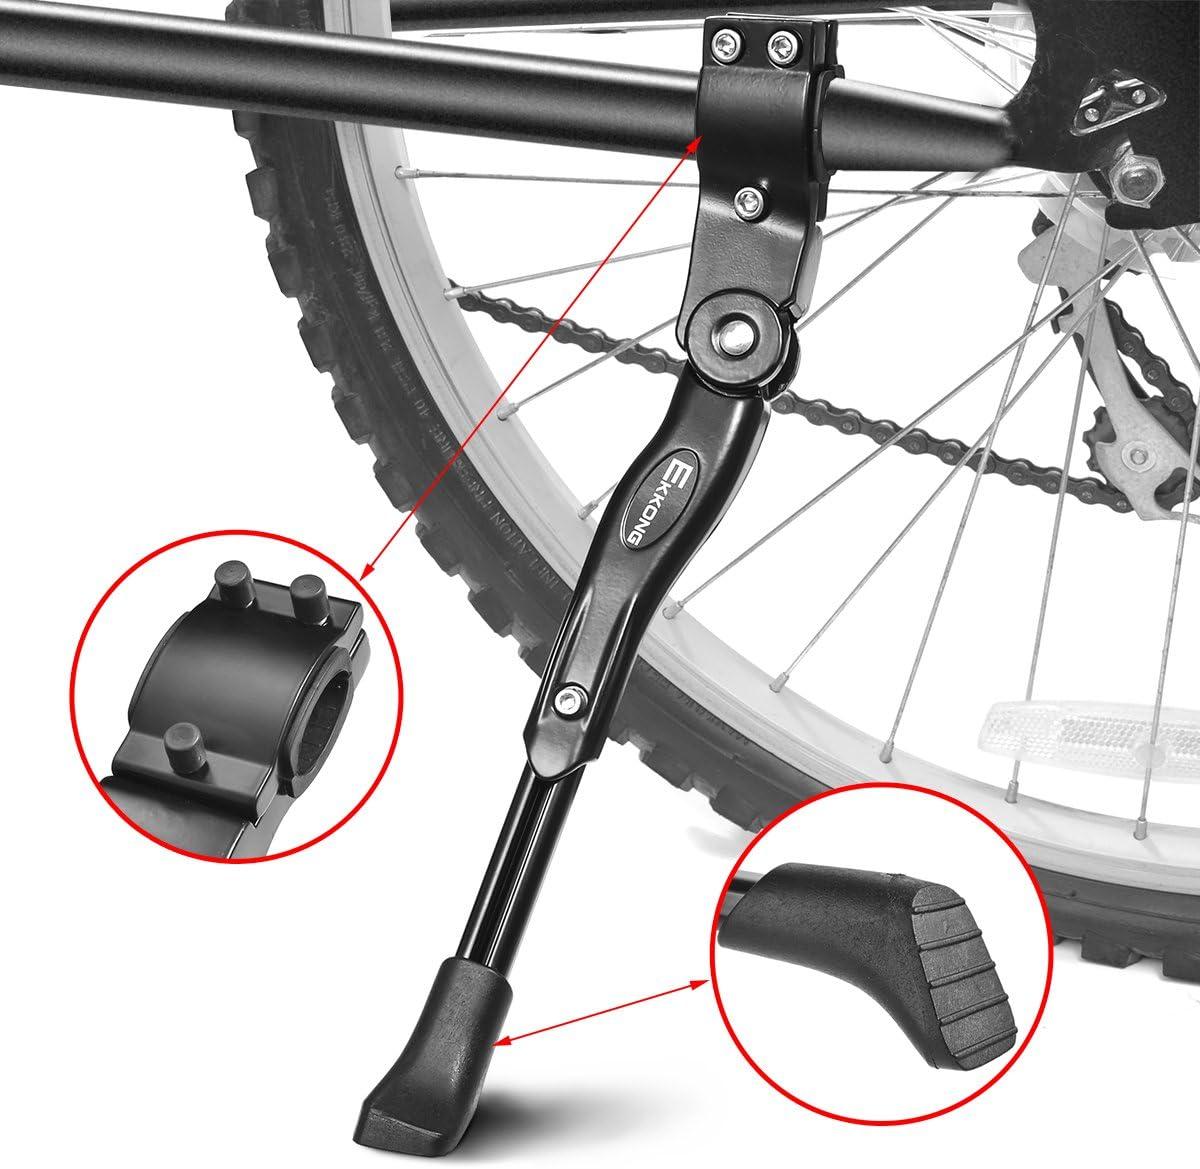 EKKONG Pata de Cabra Bicicletas, Aluminio Aleación Ajustable Bici Pata de Cabra Bicicleta Caballete Lateral con pie de Goma Antideslizante para Bicicletas 24